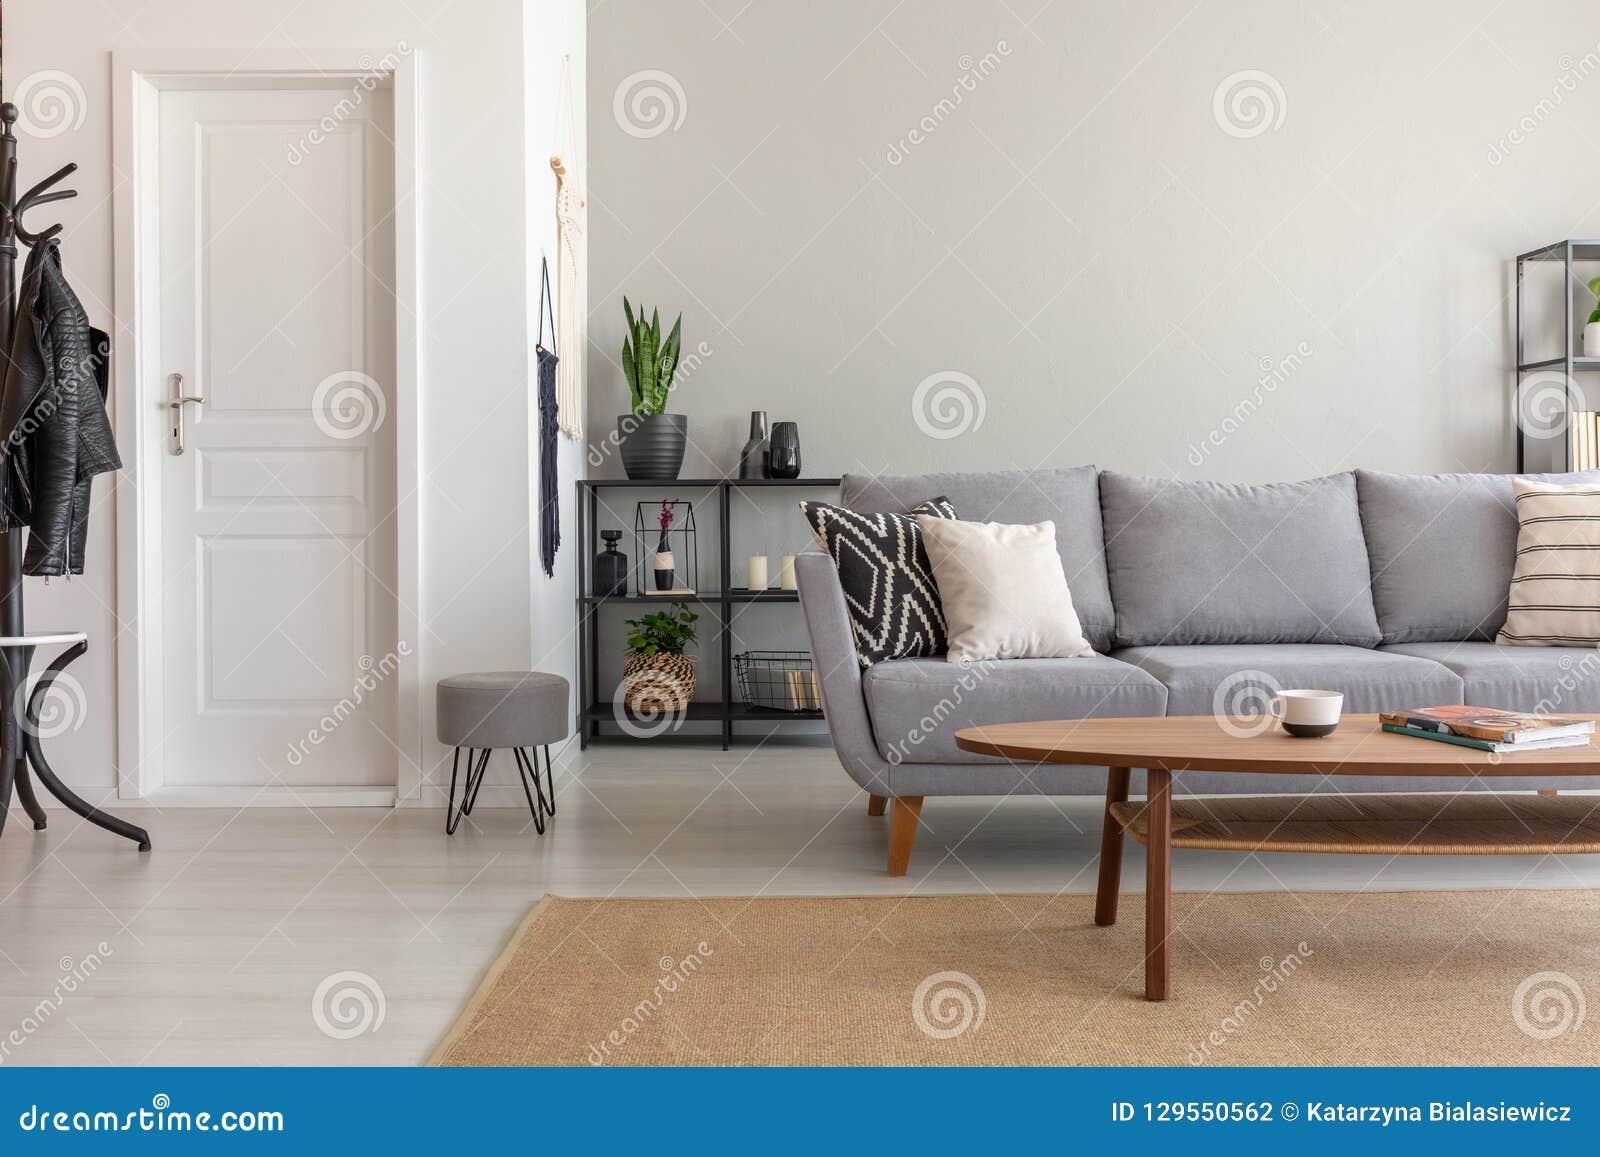 Деревянный стол на ковре перед серой софой в минимальной живущей комнате внутренней с дверью